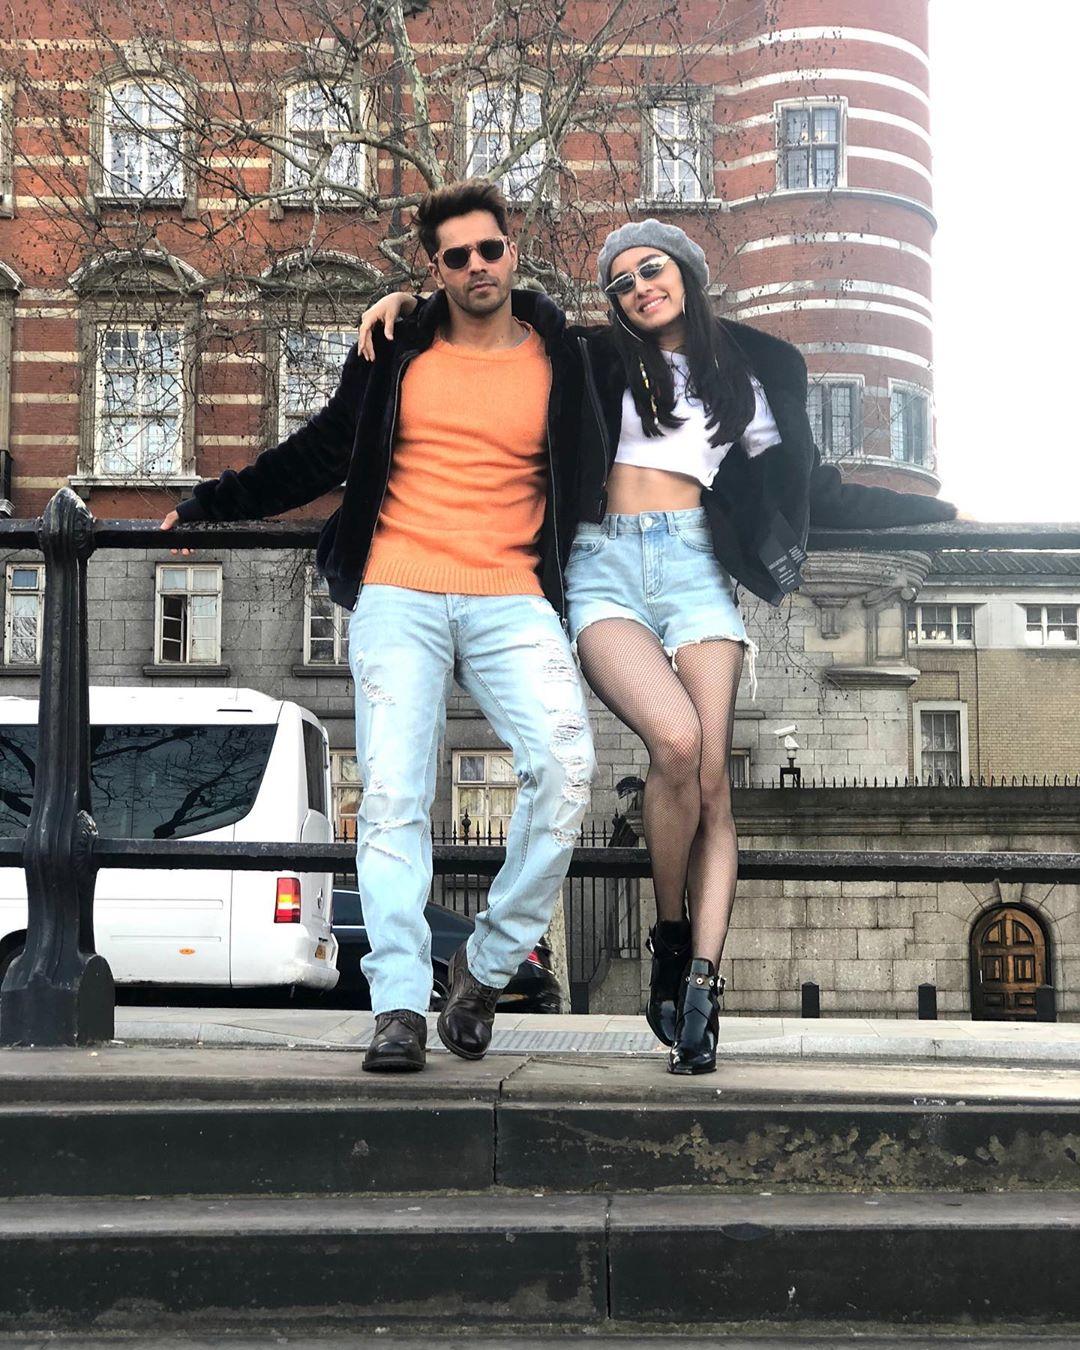 శ్రద్ధా కపూర్, వరుణ్ ధావన్ Photo: Instagram.com/shraddhakapoor